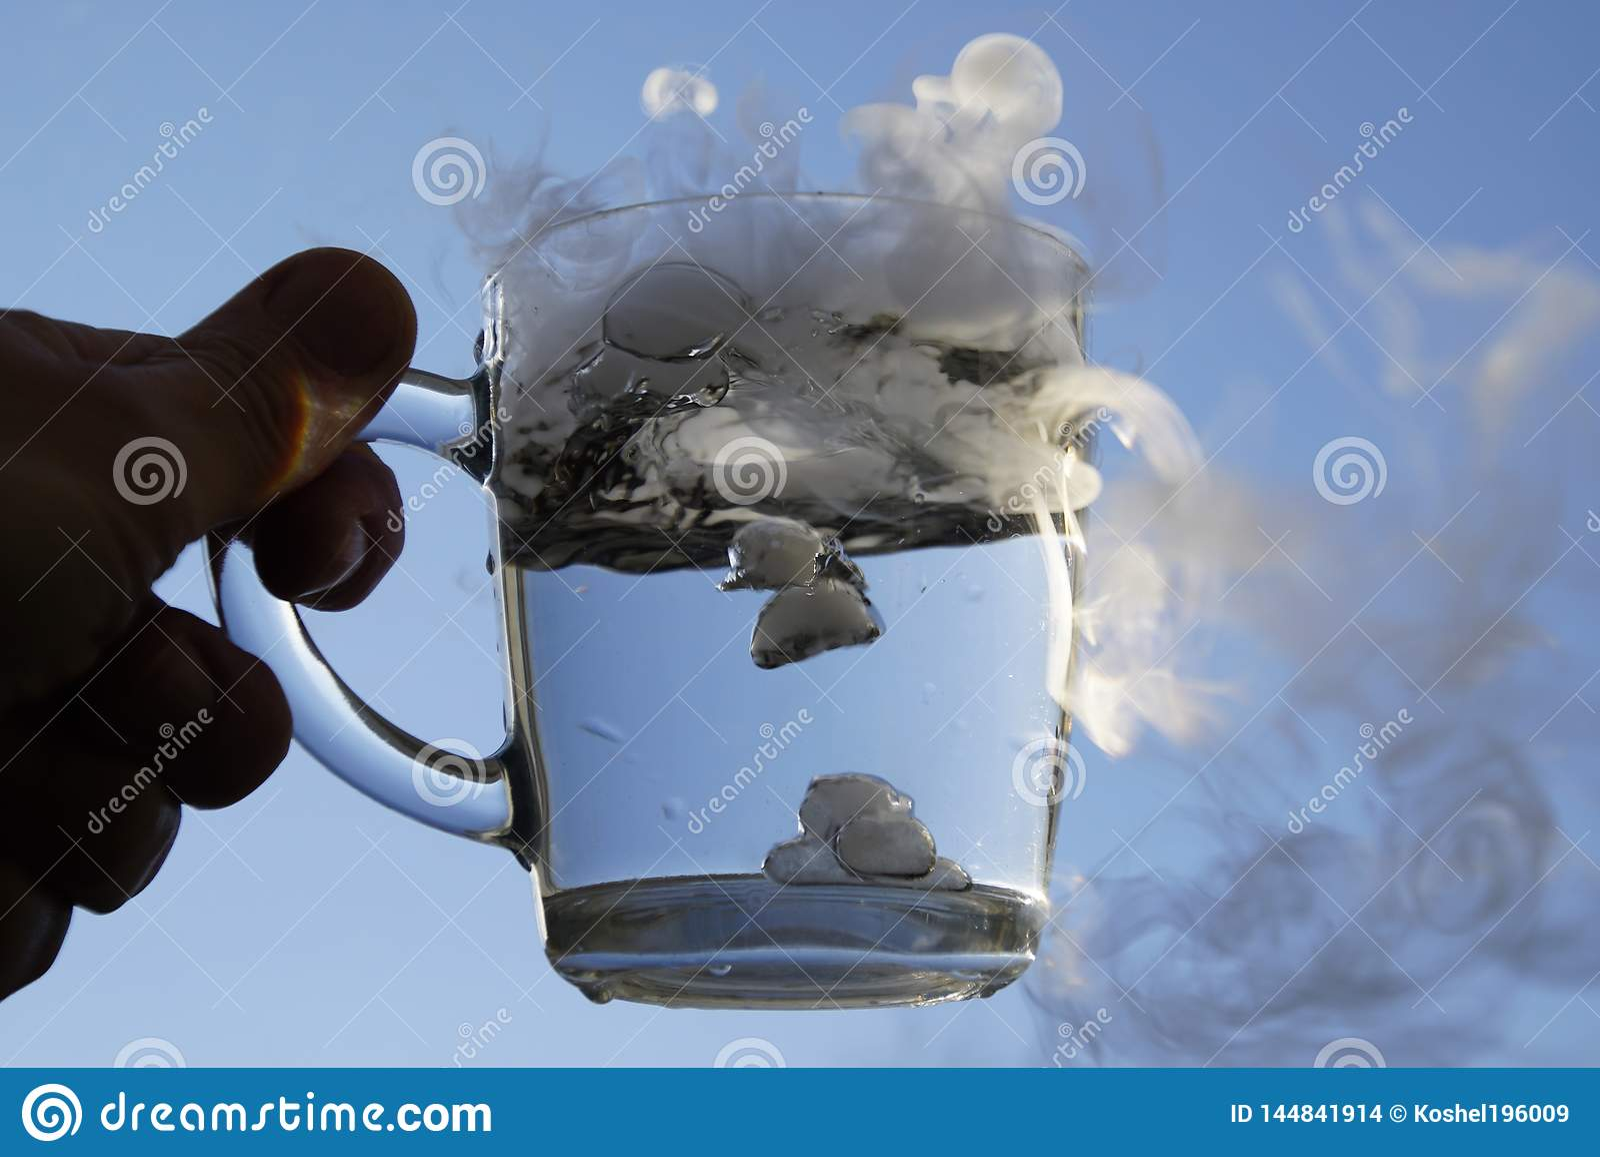 El origen de la tormenta en un vaso de agua